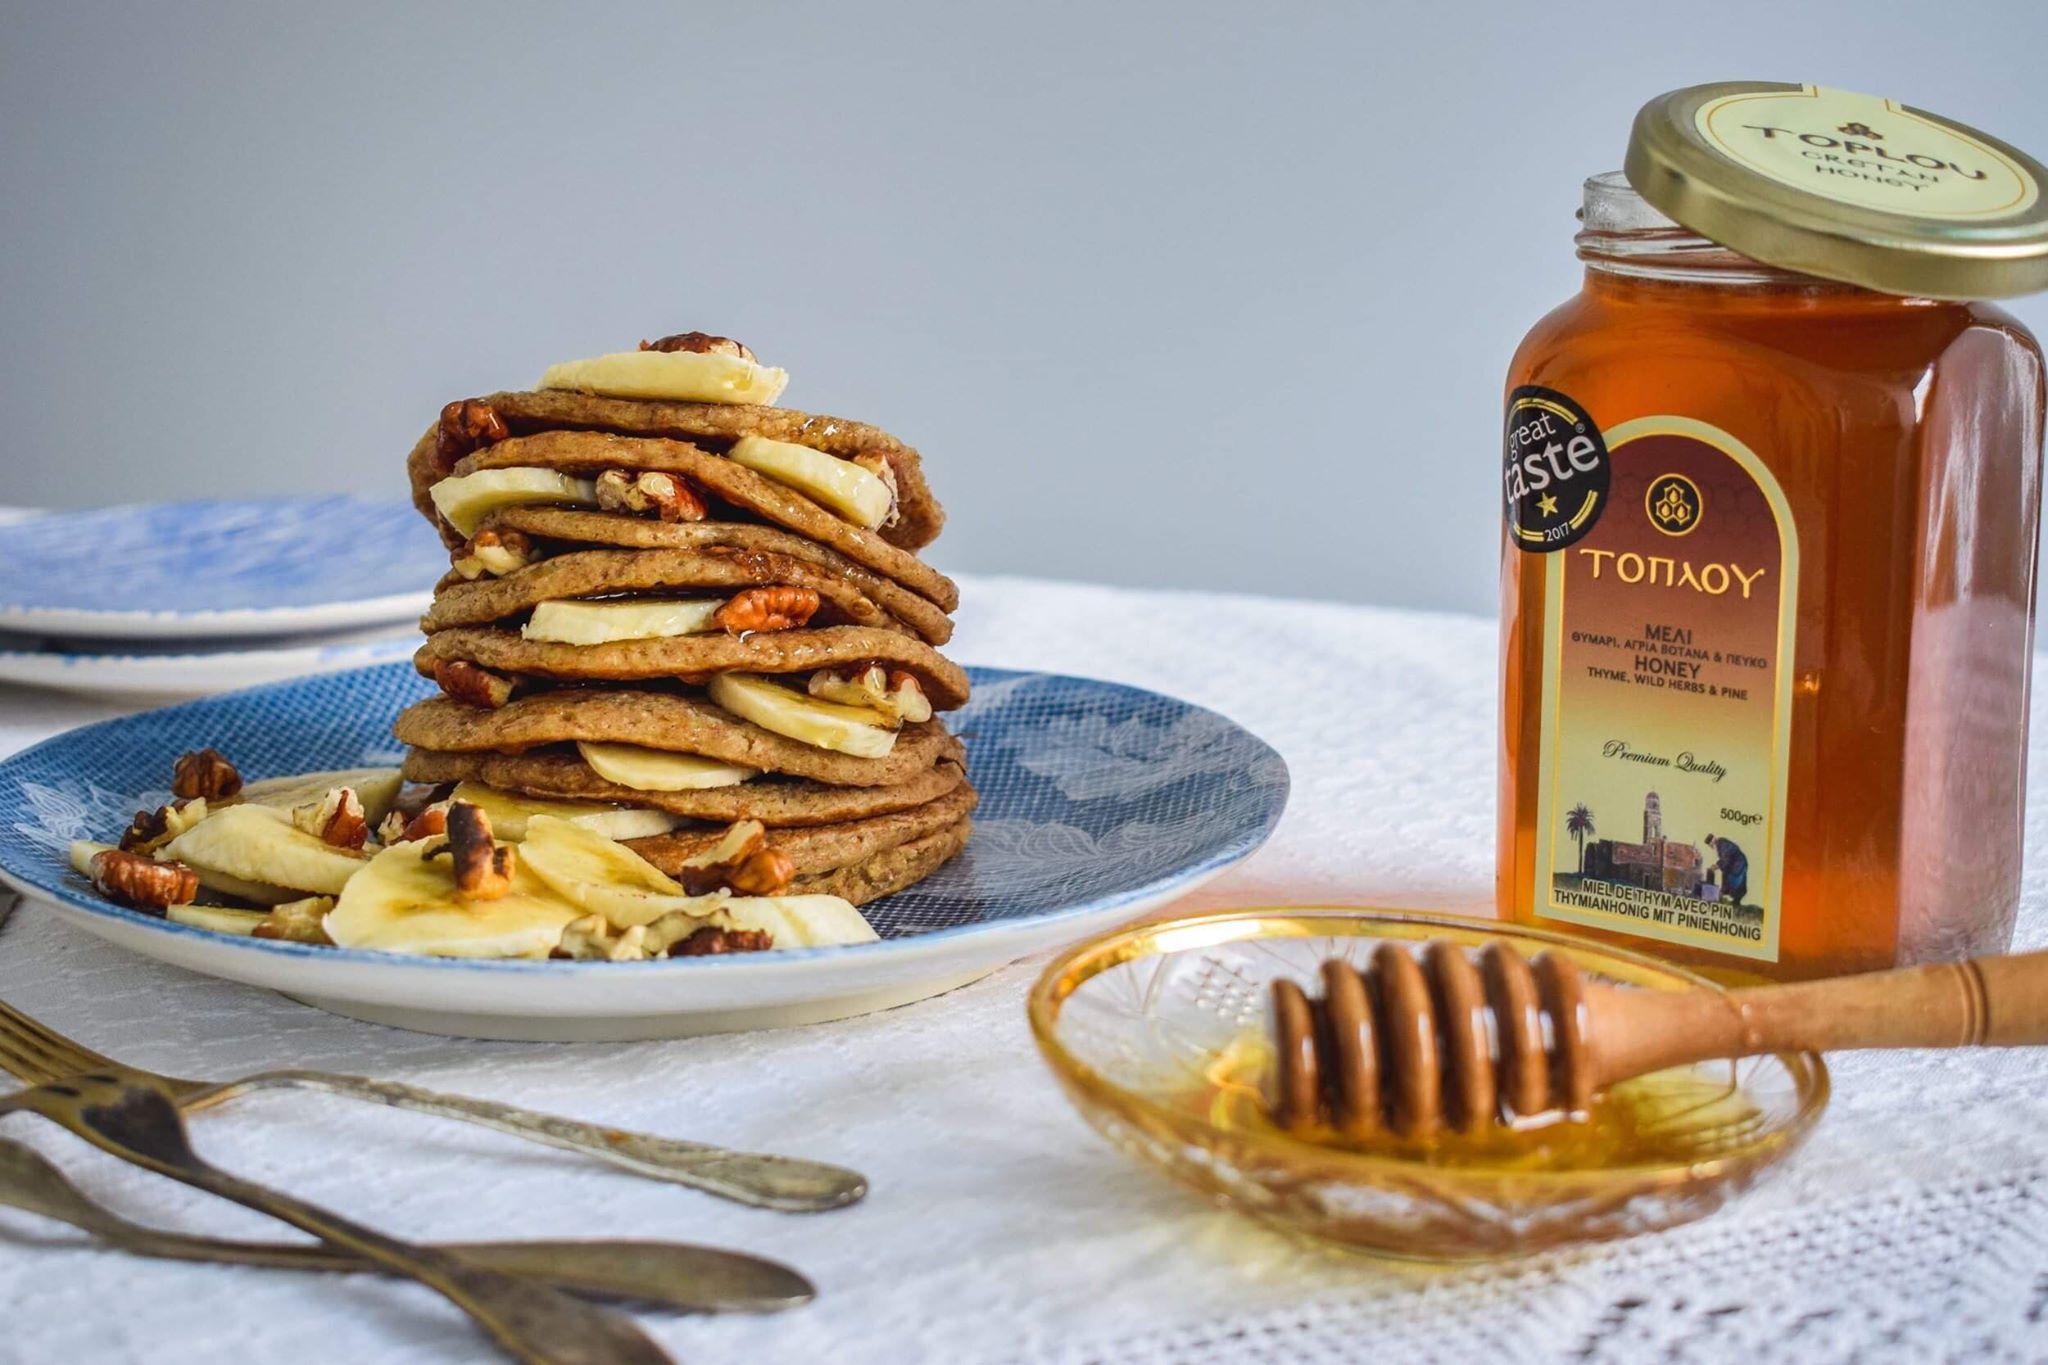 honey toplou, Μέλι τοπλού